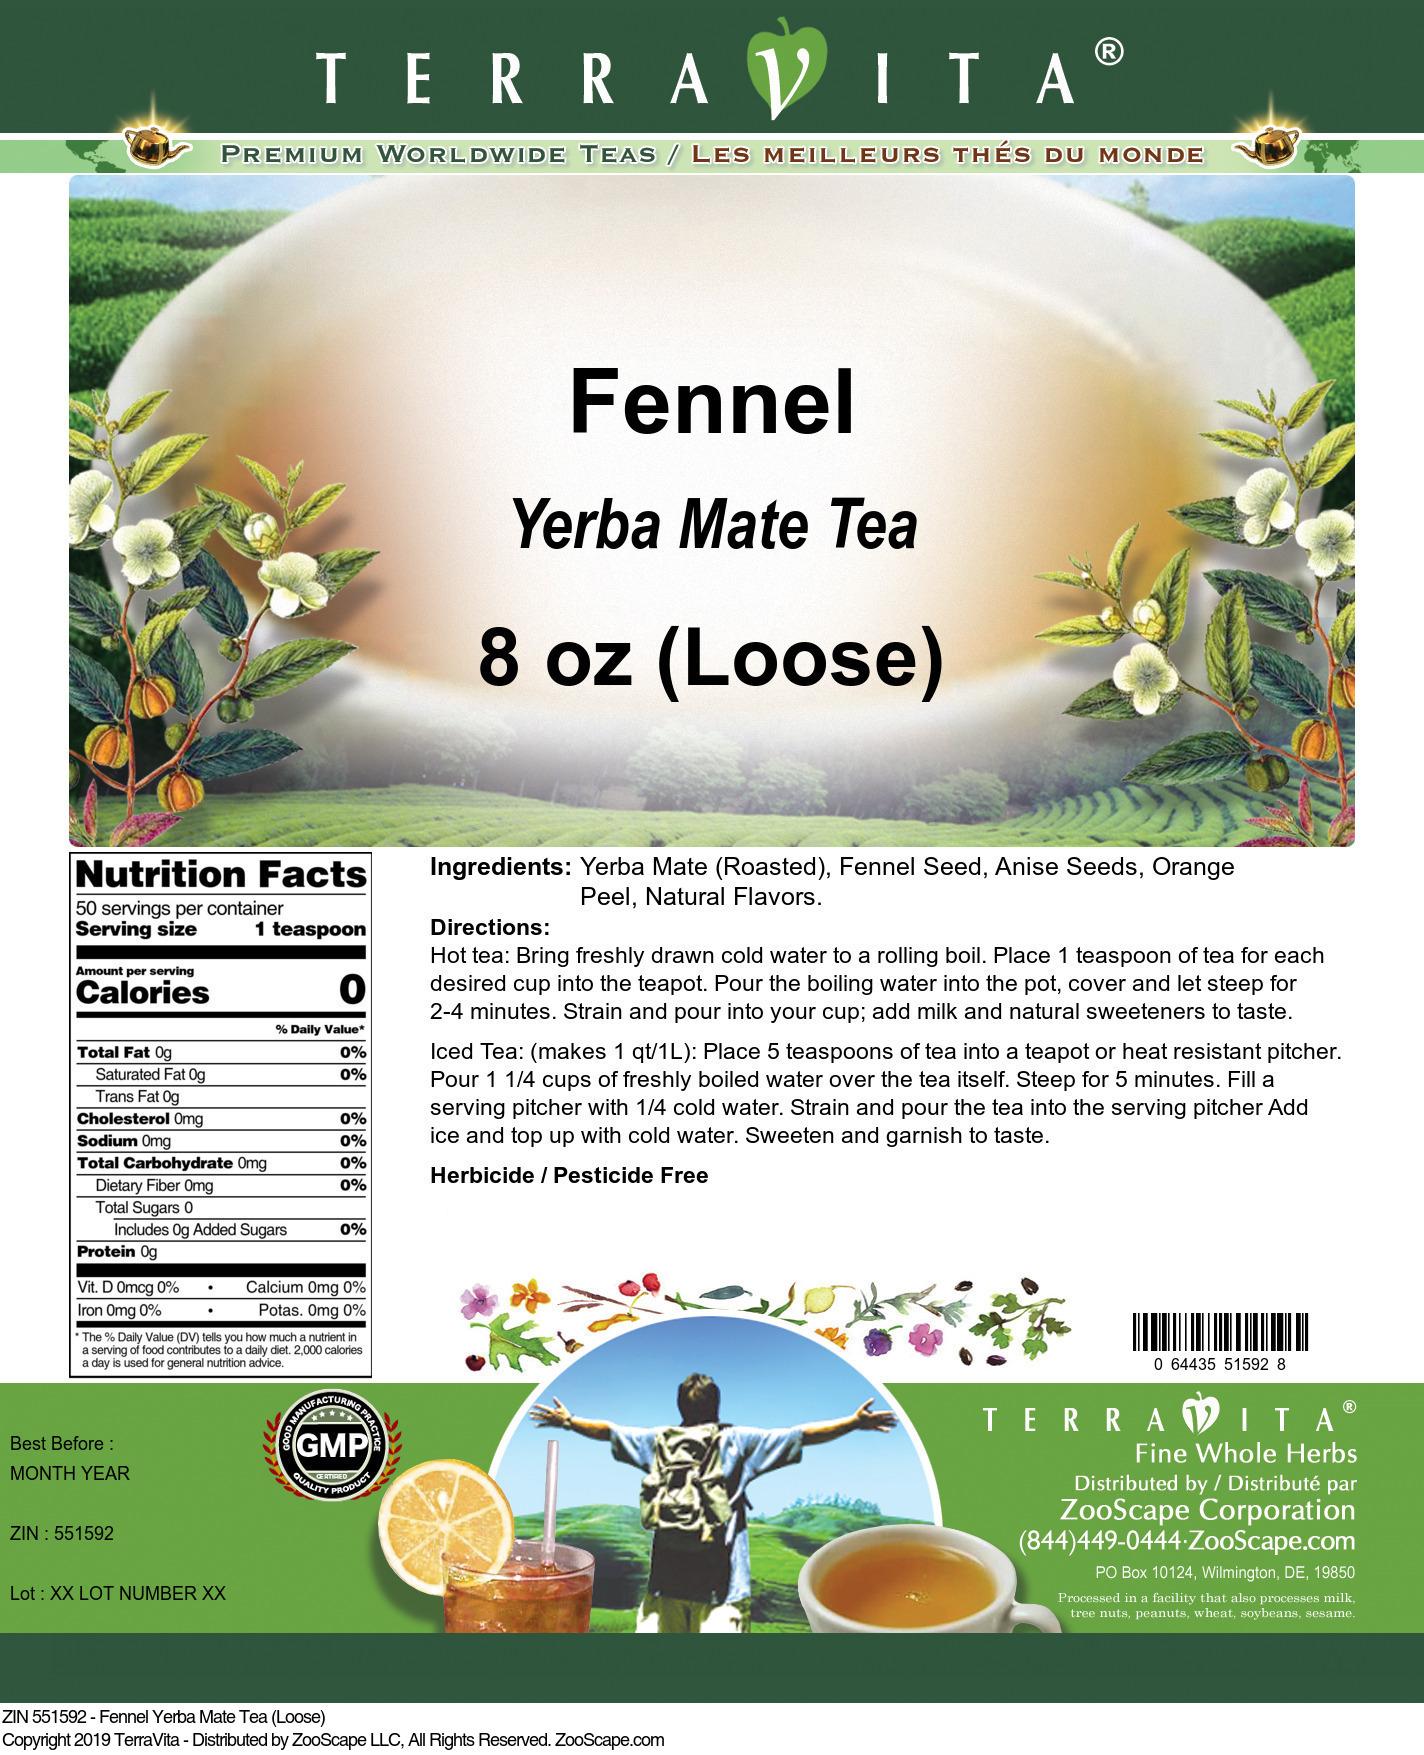 Fennel Yerba Mate Tea (Loose)